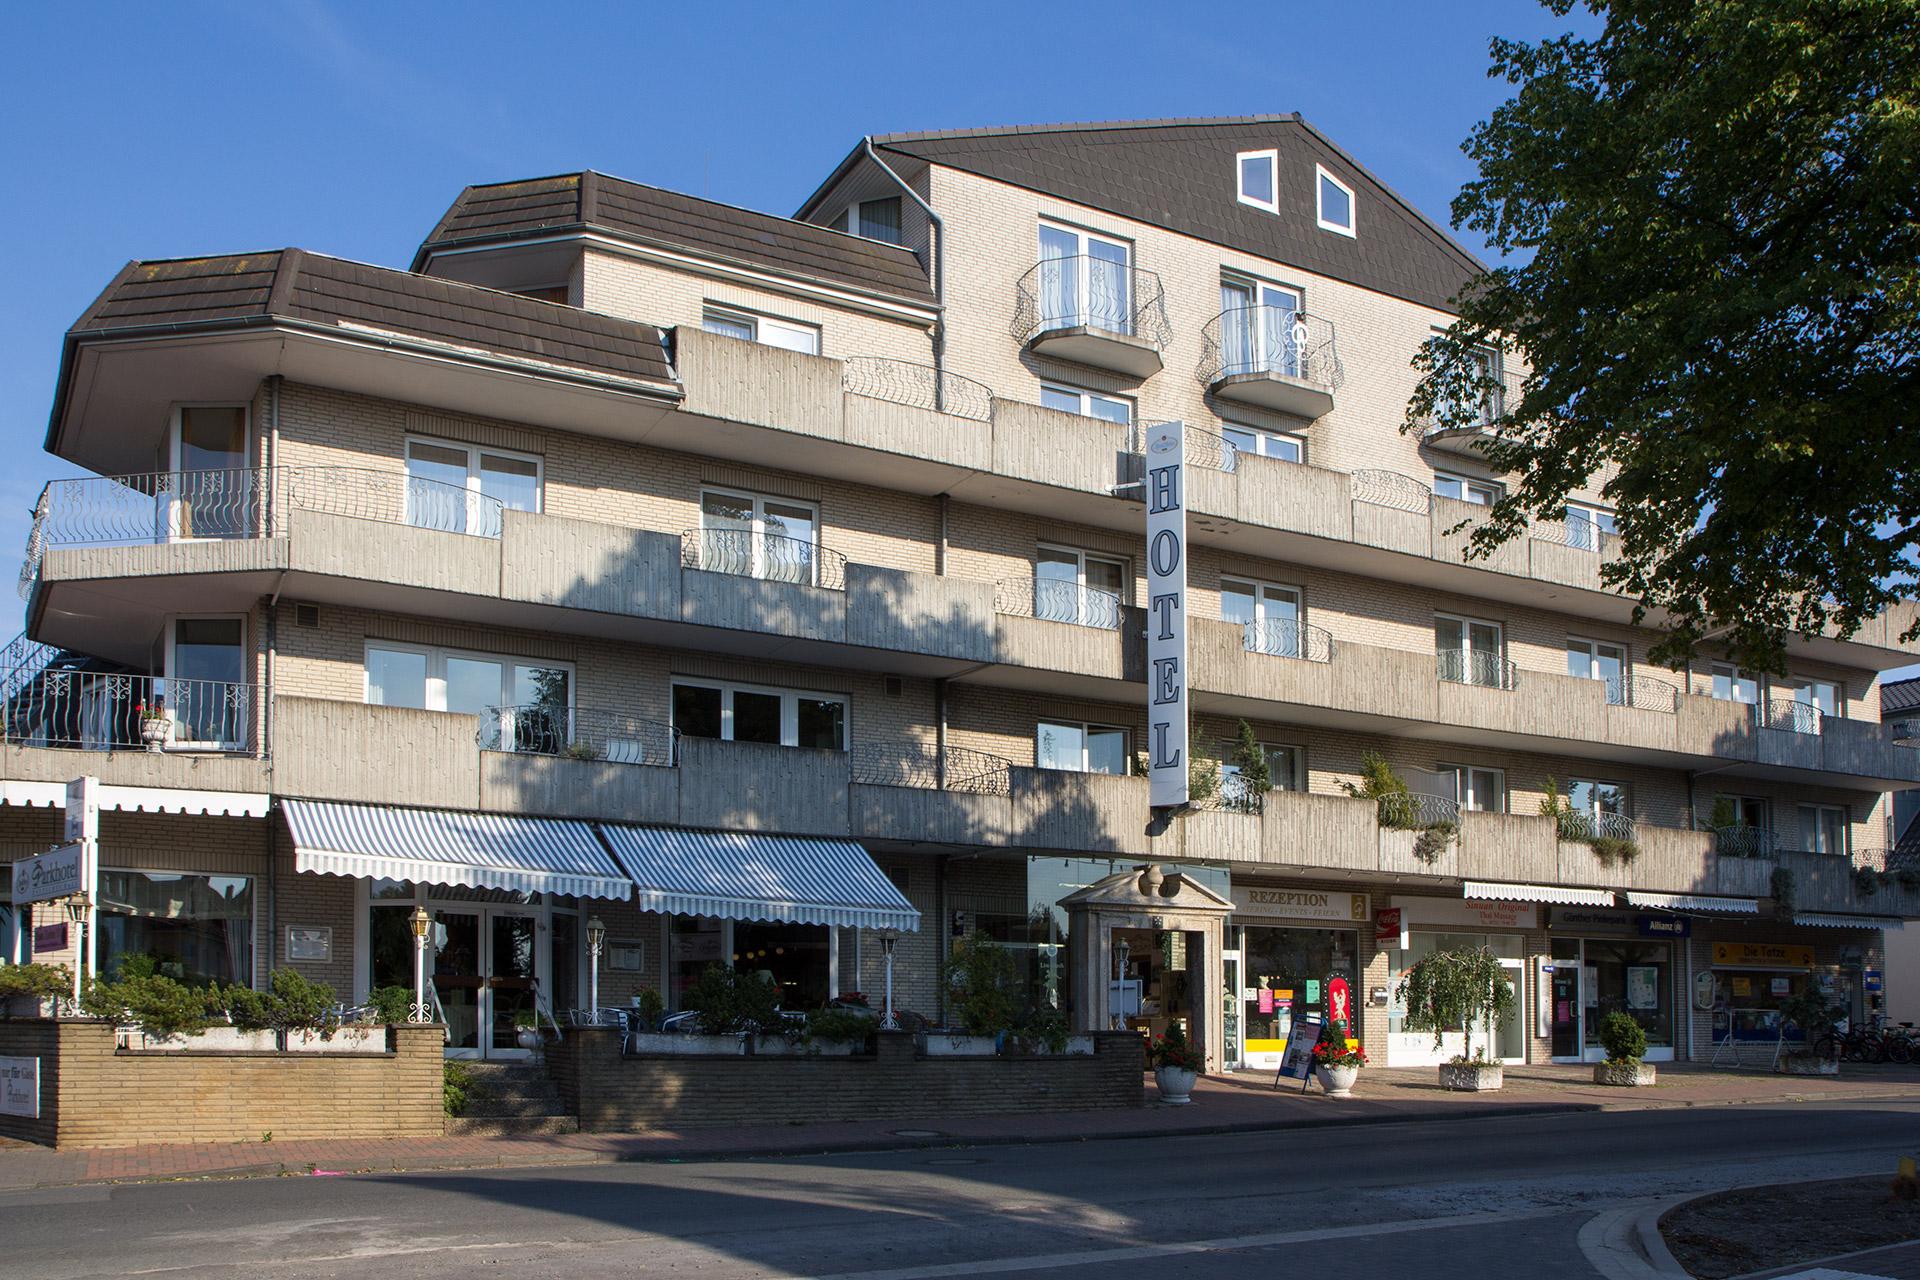 Parkhotel Bad Nenndorf